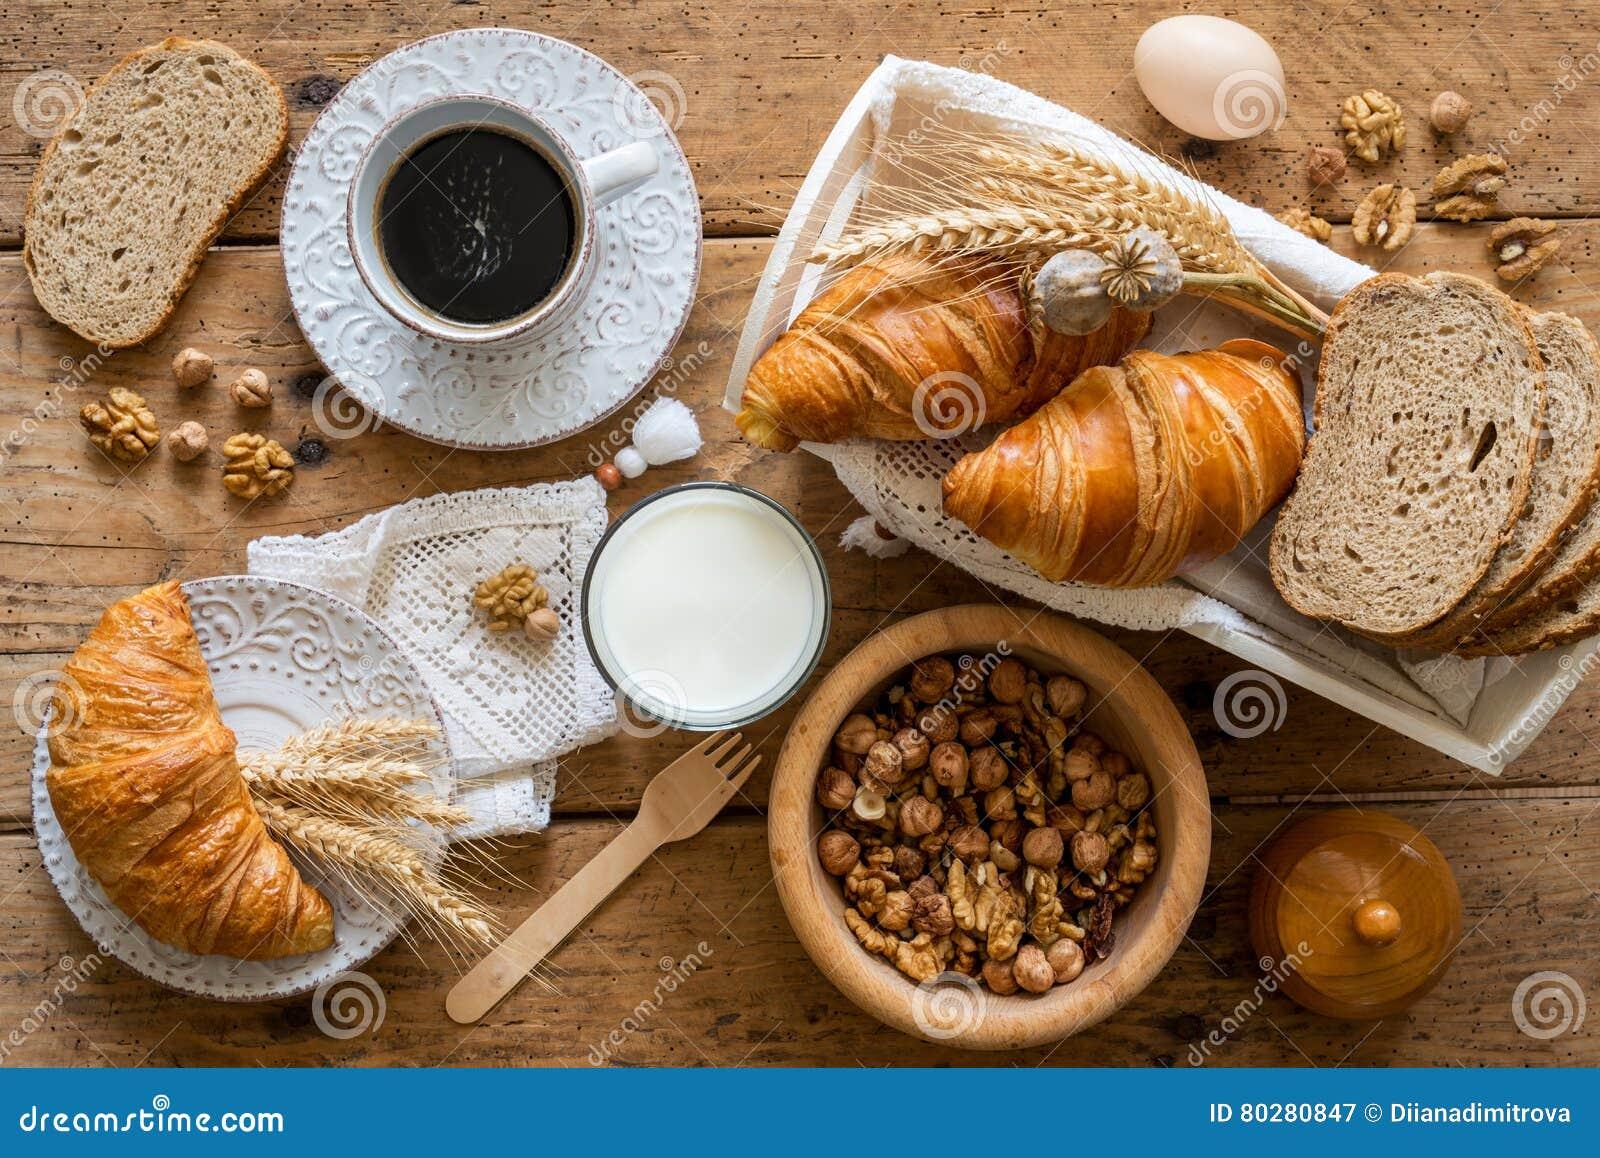 Ontbijt met vers gebakken croissants - hoogste mening